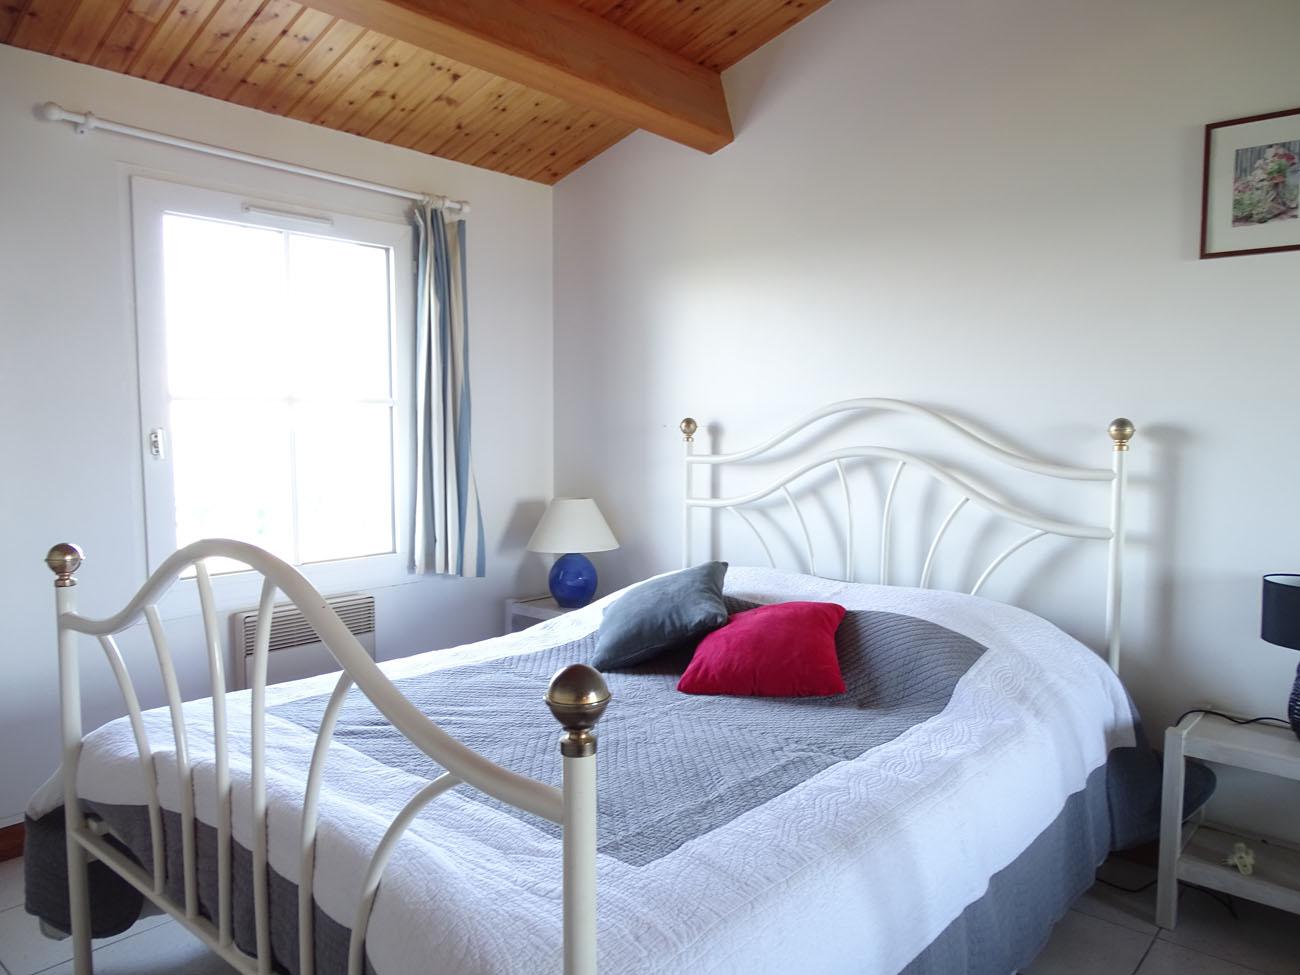 Location Maison Ile de Ré - Trémière -Chambre